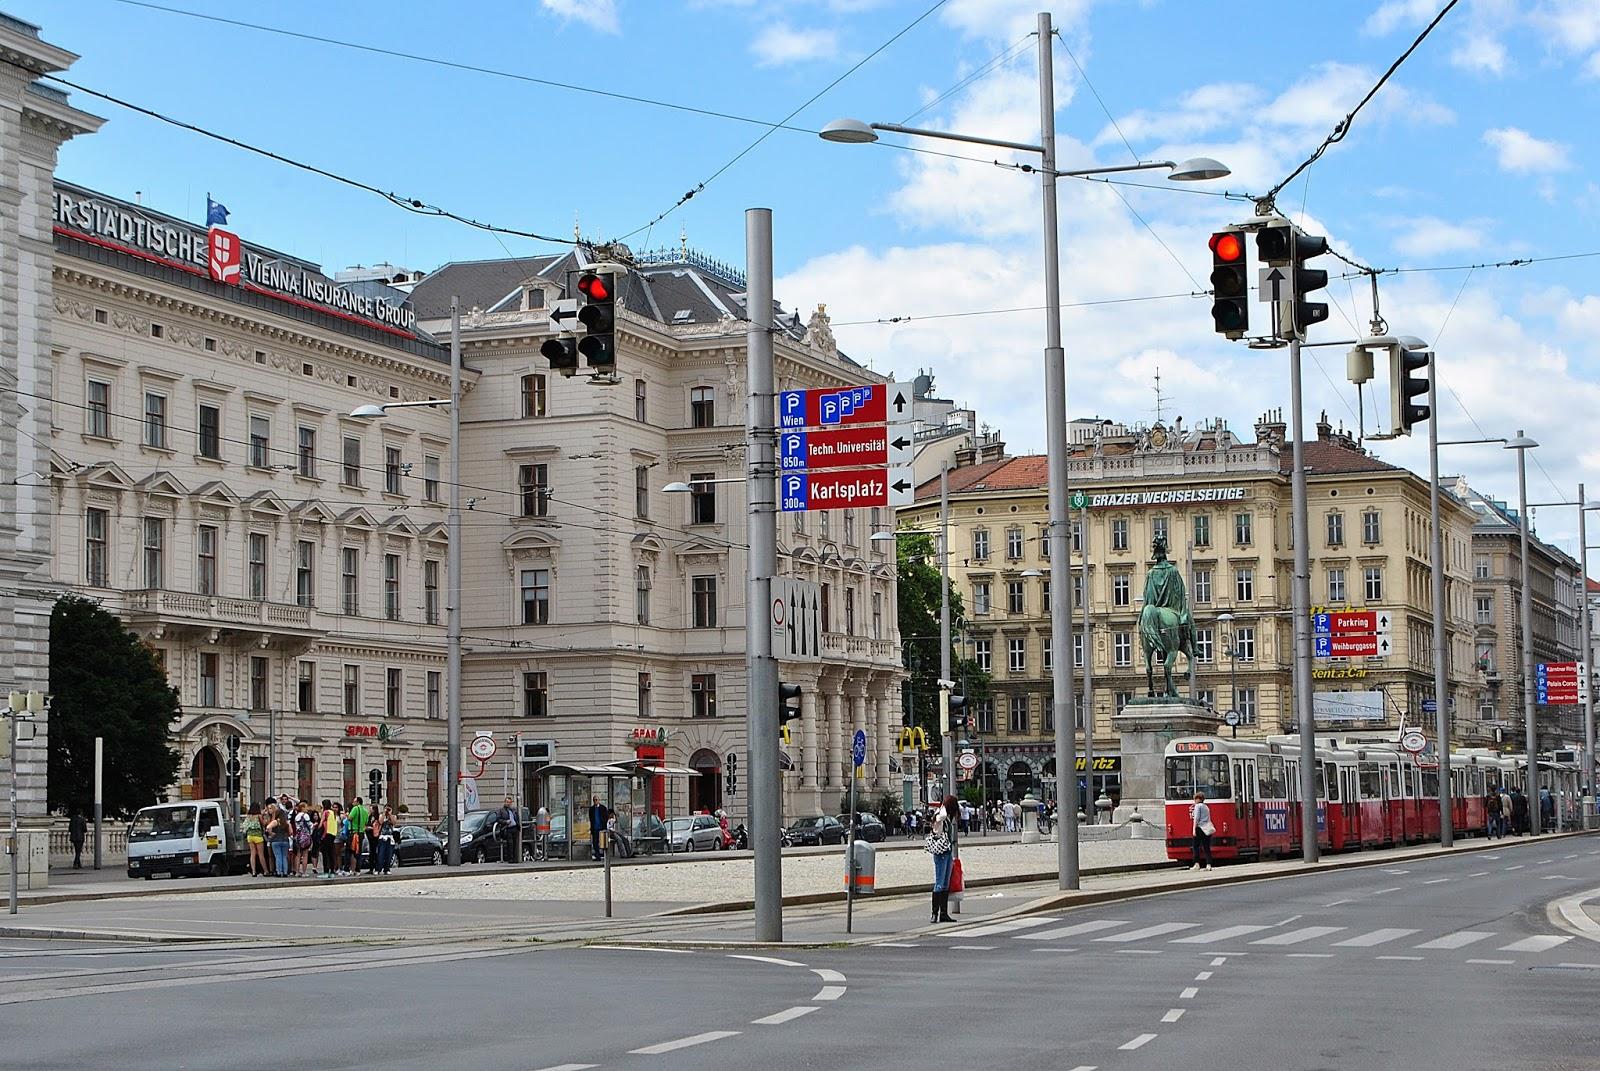 AUSTRIA - WIEDEŃ W MOIM OBIEKTYWIE